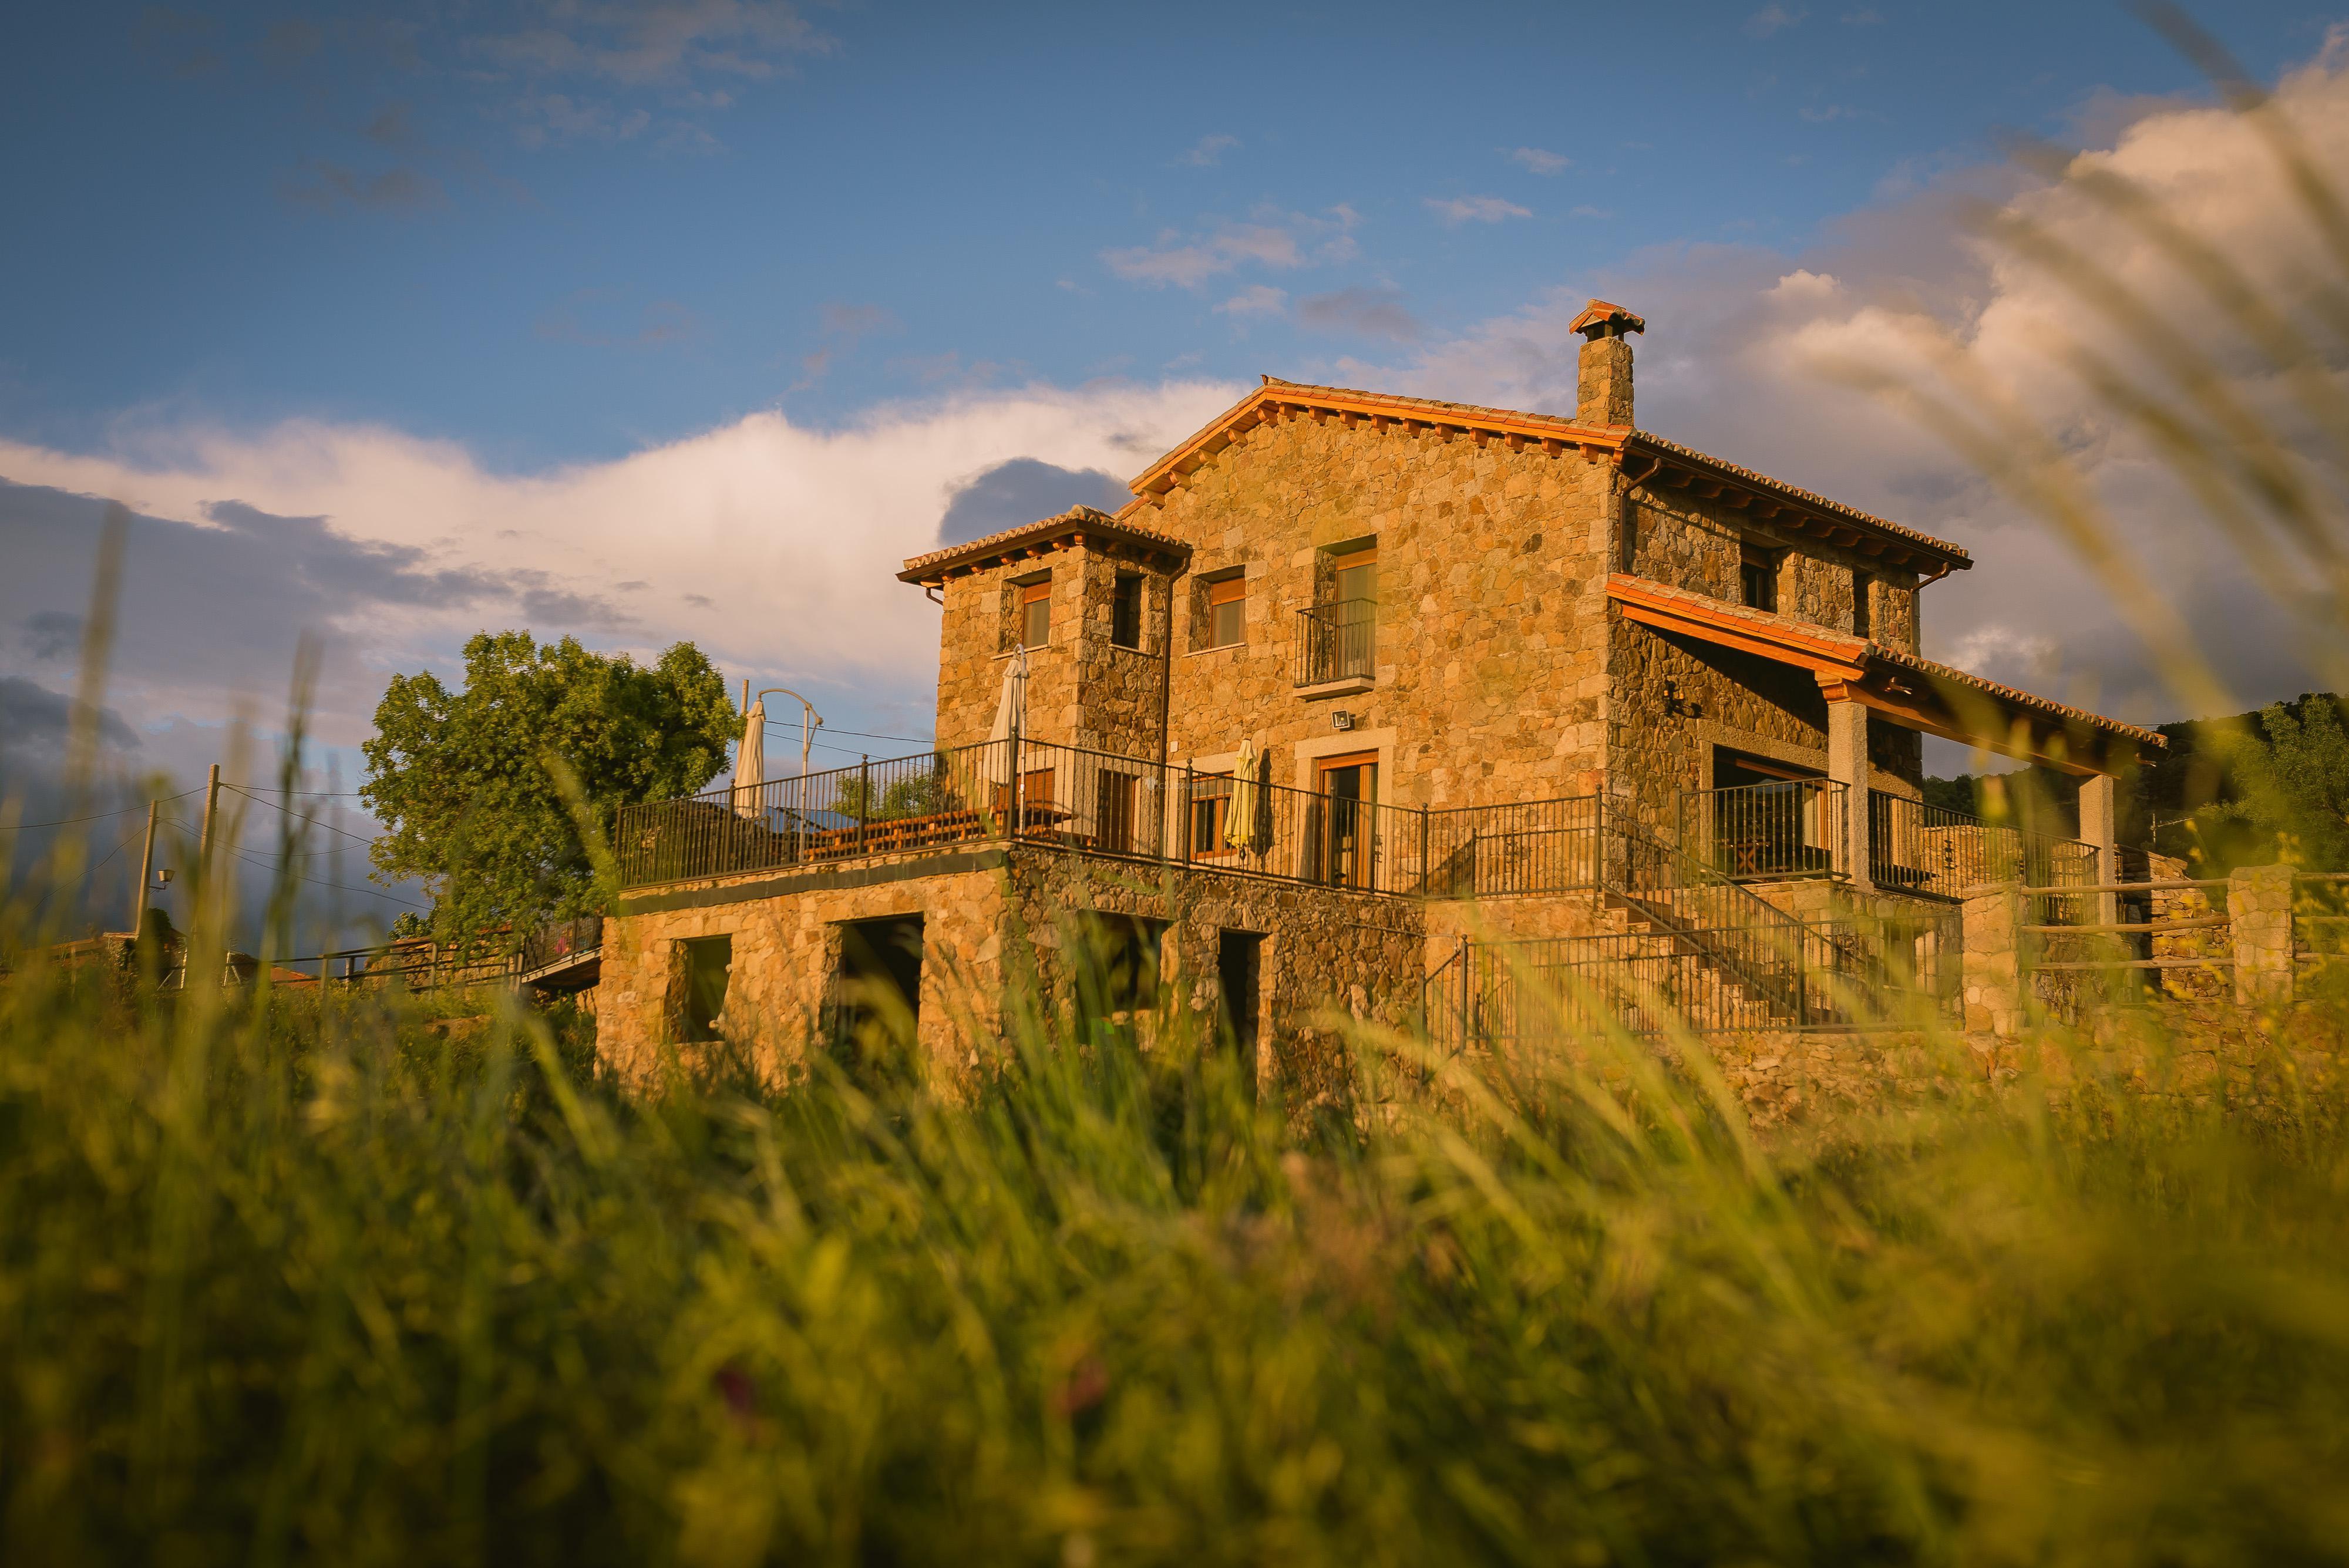 Fotos de alojamientos rurales piedrahita barco gredos vila la aldehuela clubrural - Casa rural la tramonera ...